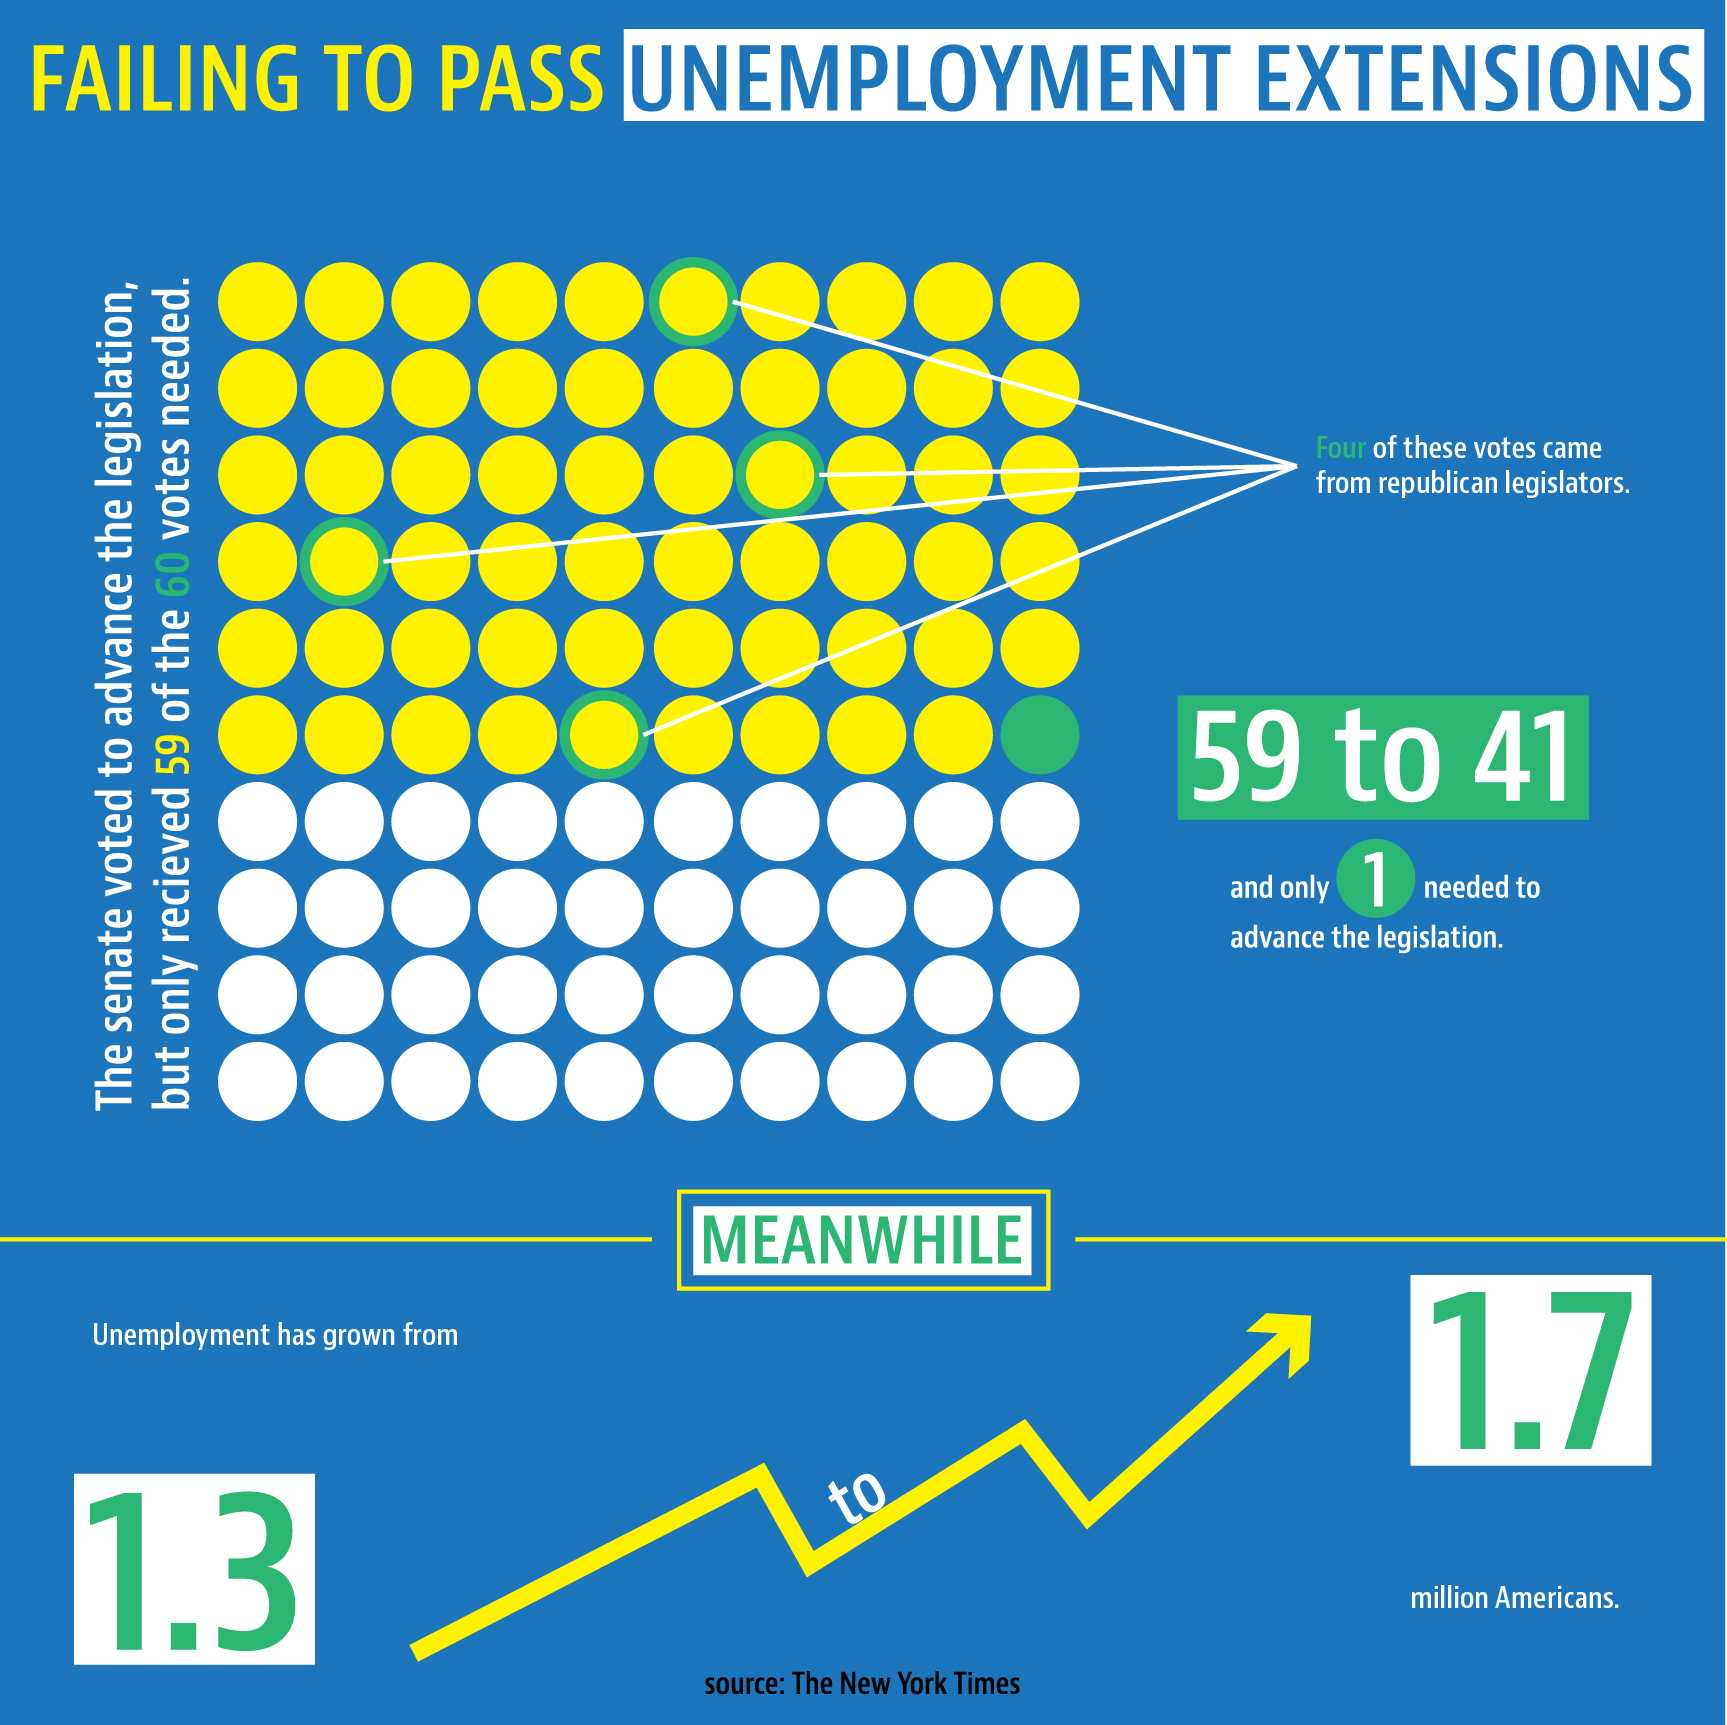 Congress to Extend Unemployment Benefits